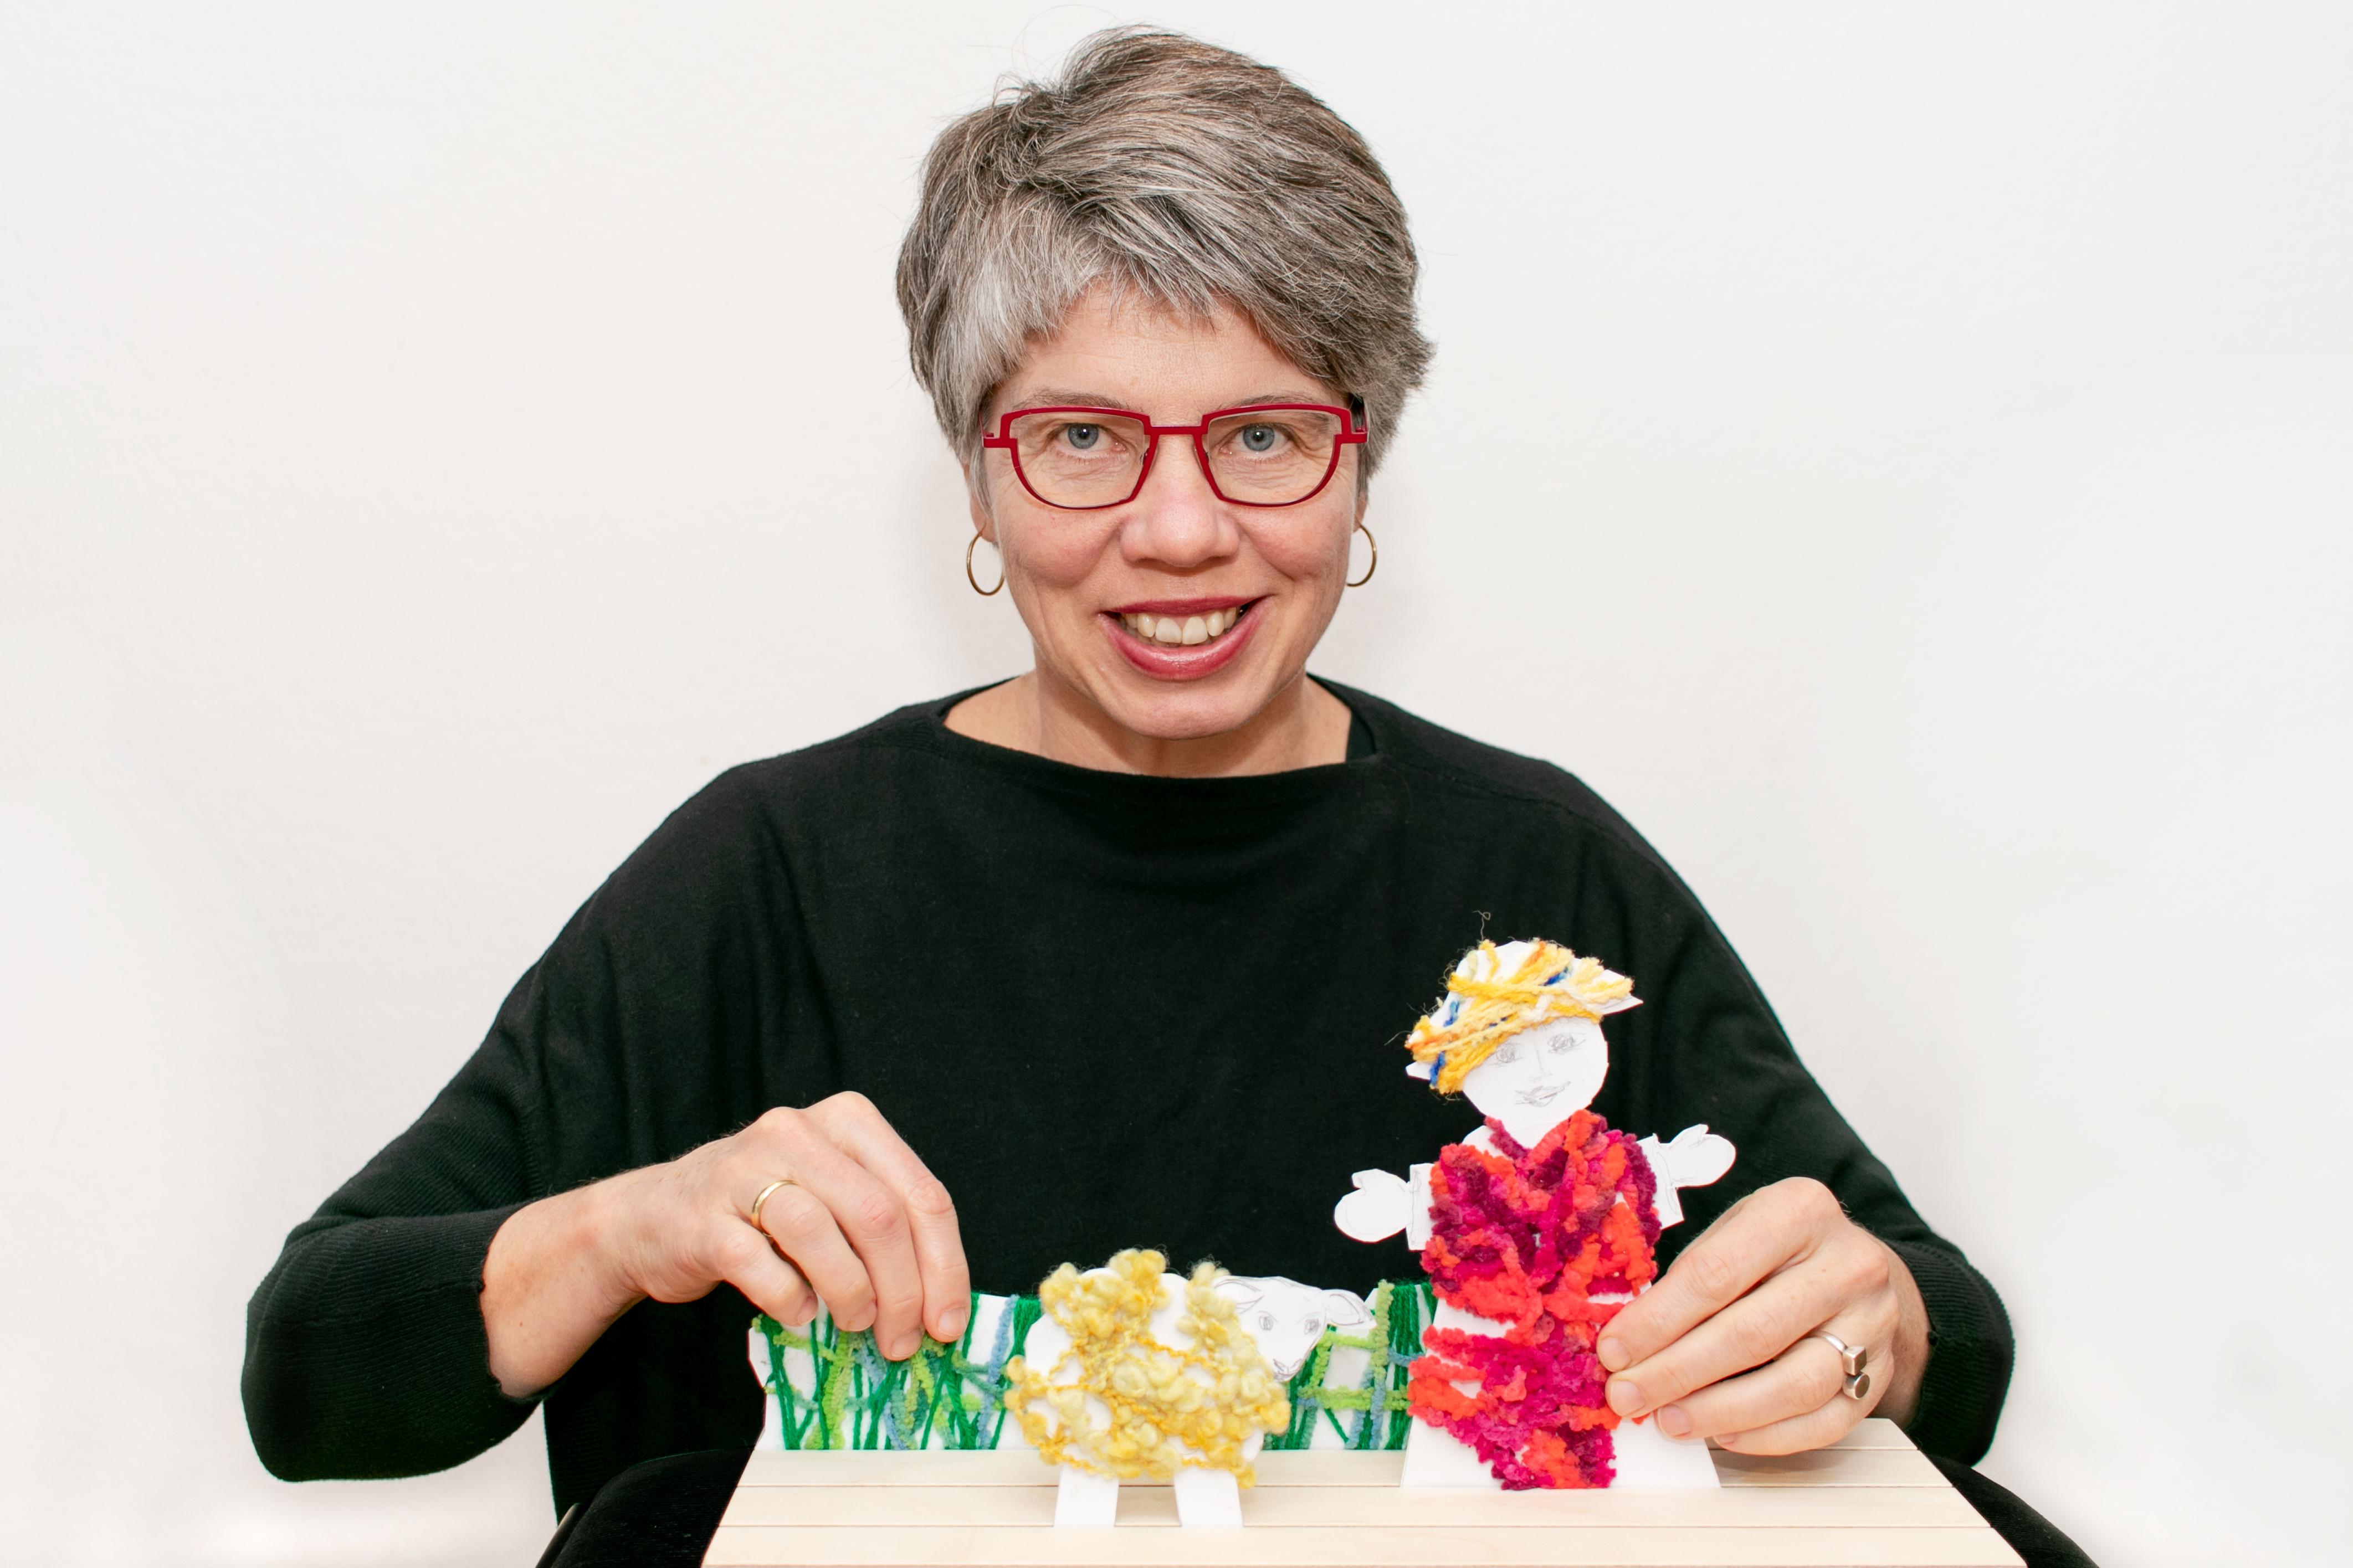 Gabi Scherzer, Erfinderin und Autorin, mit der Erzählschiene. Foto: privat